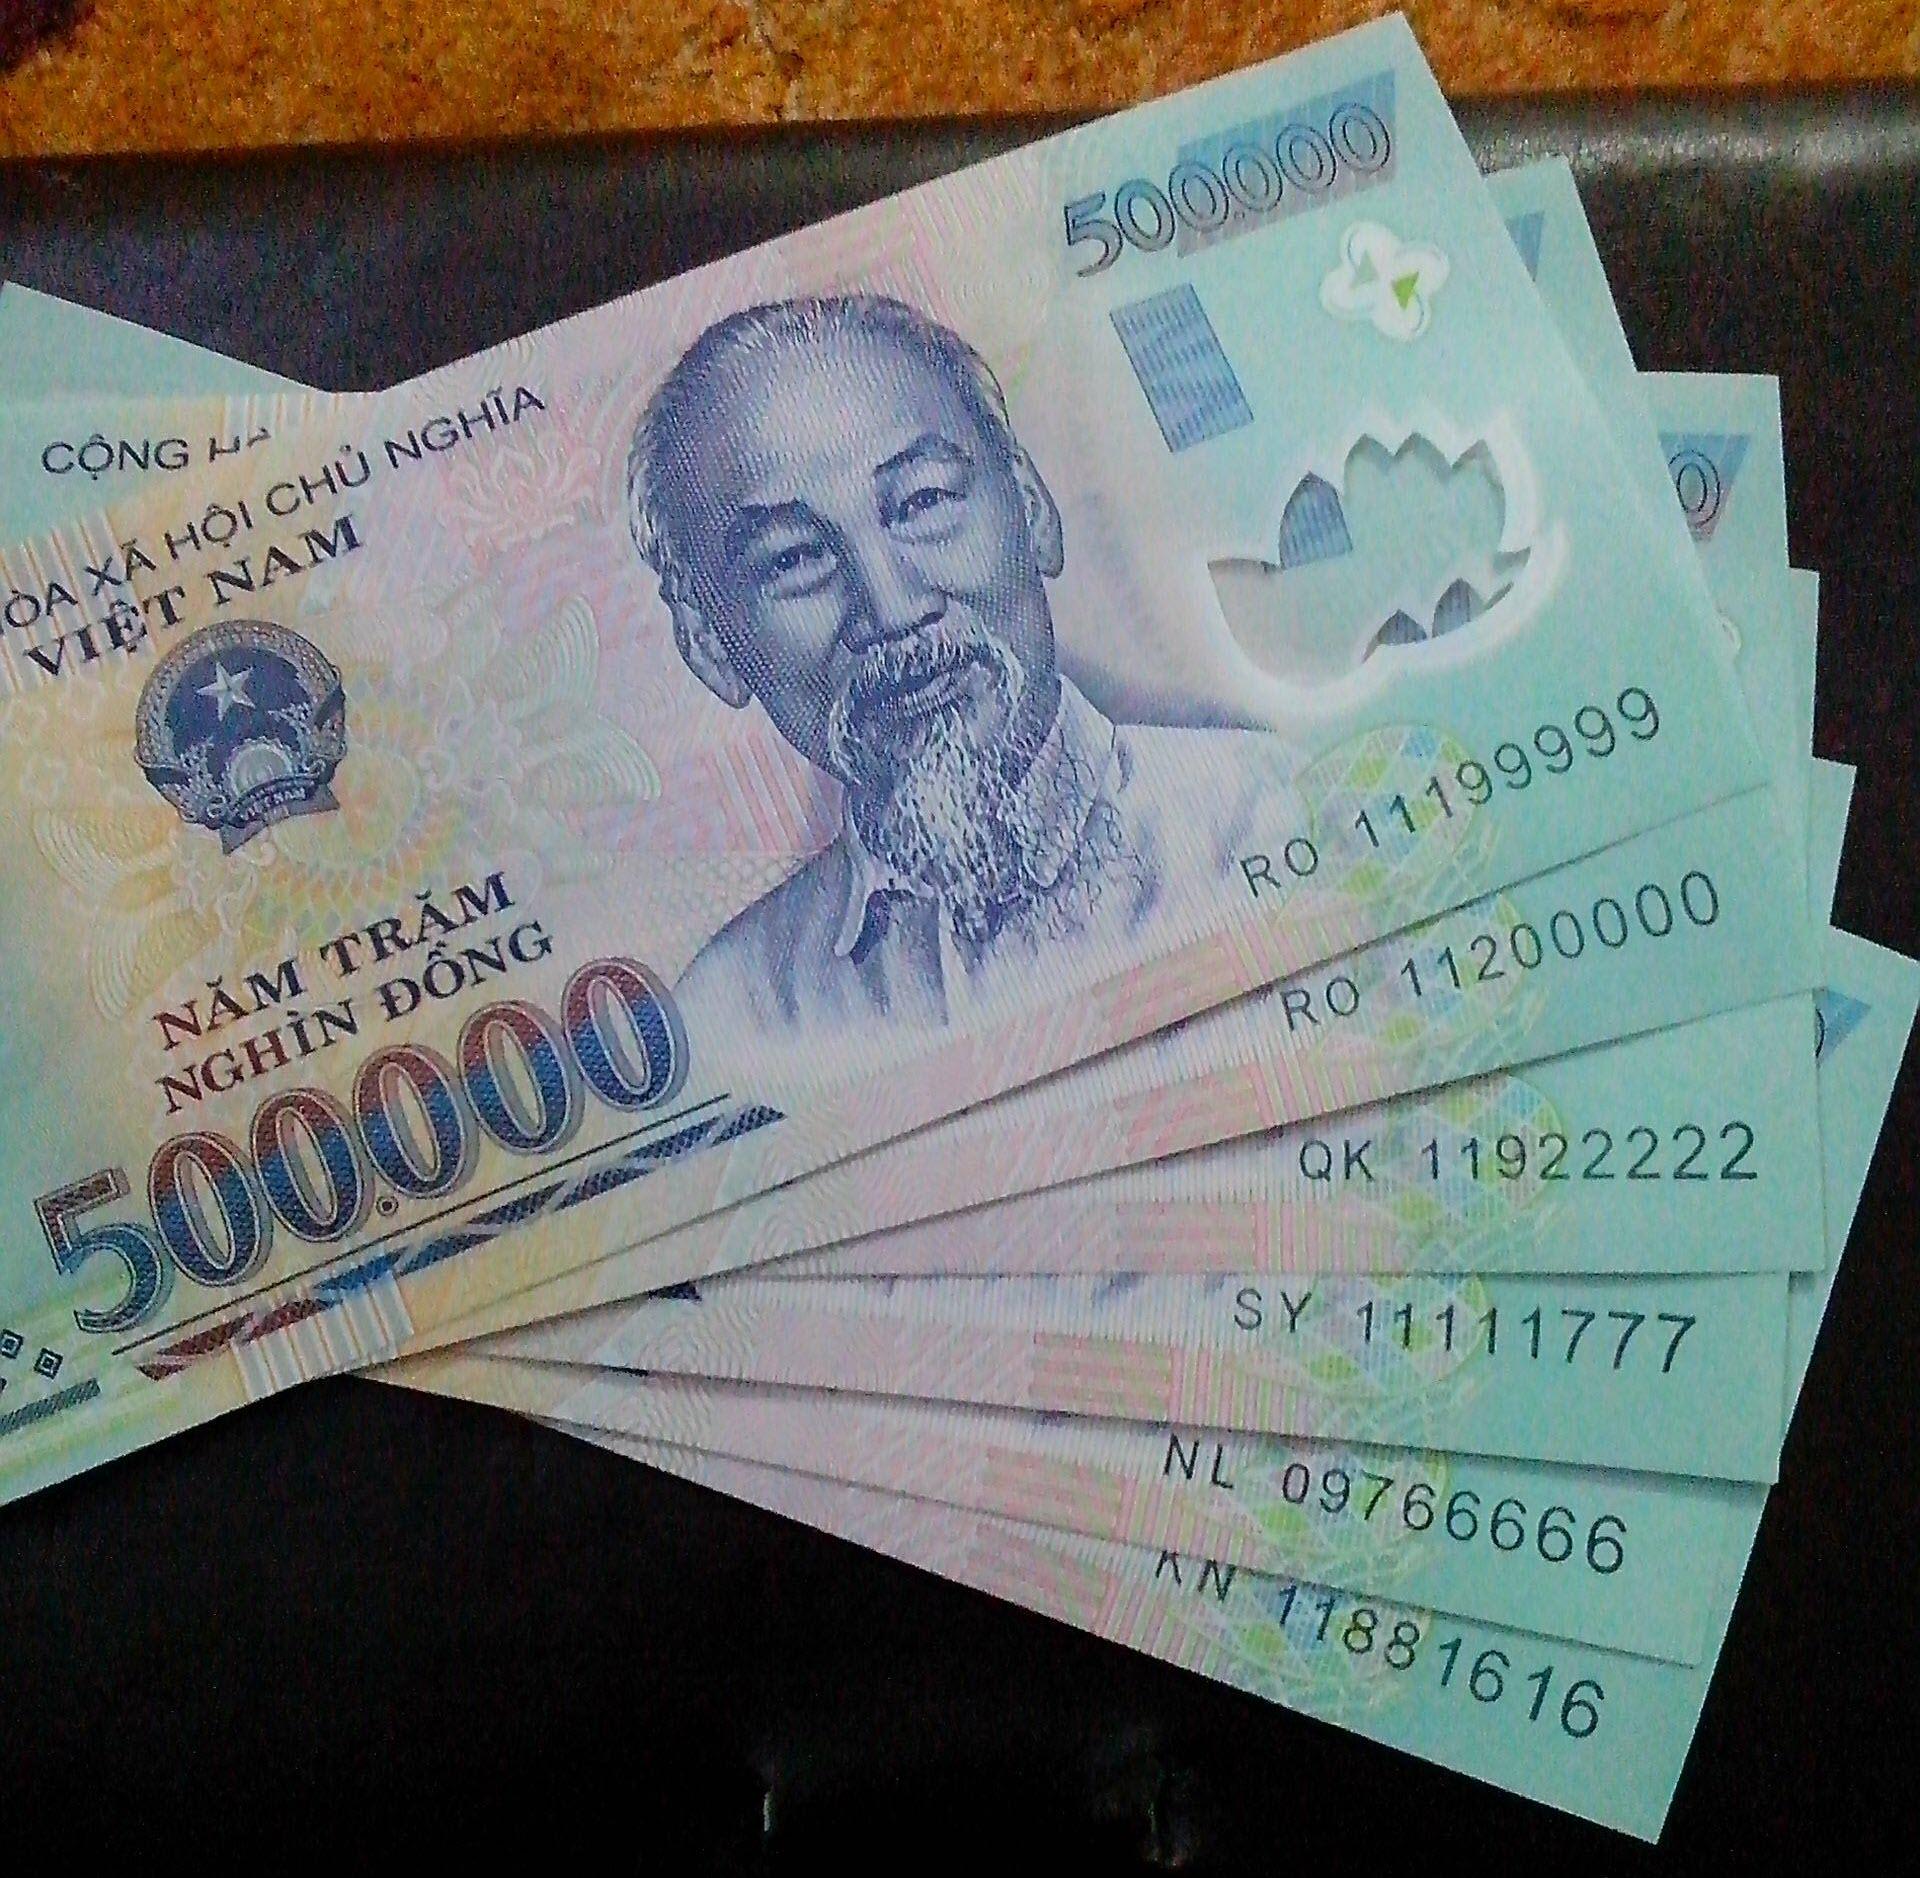 Hình ảnh về tiền Việt Nam